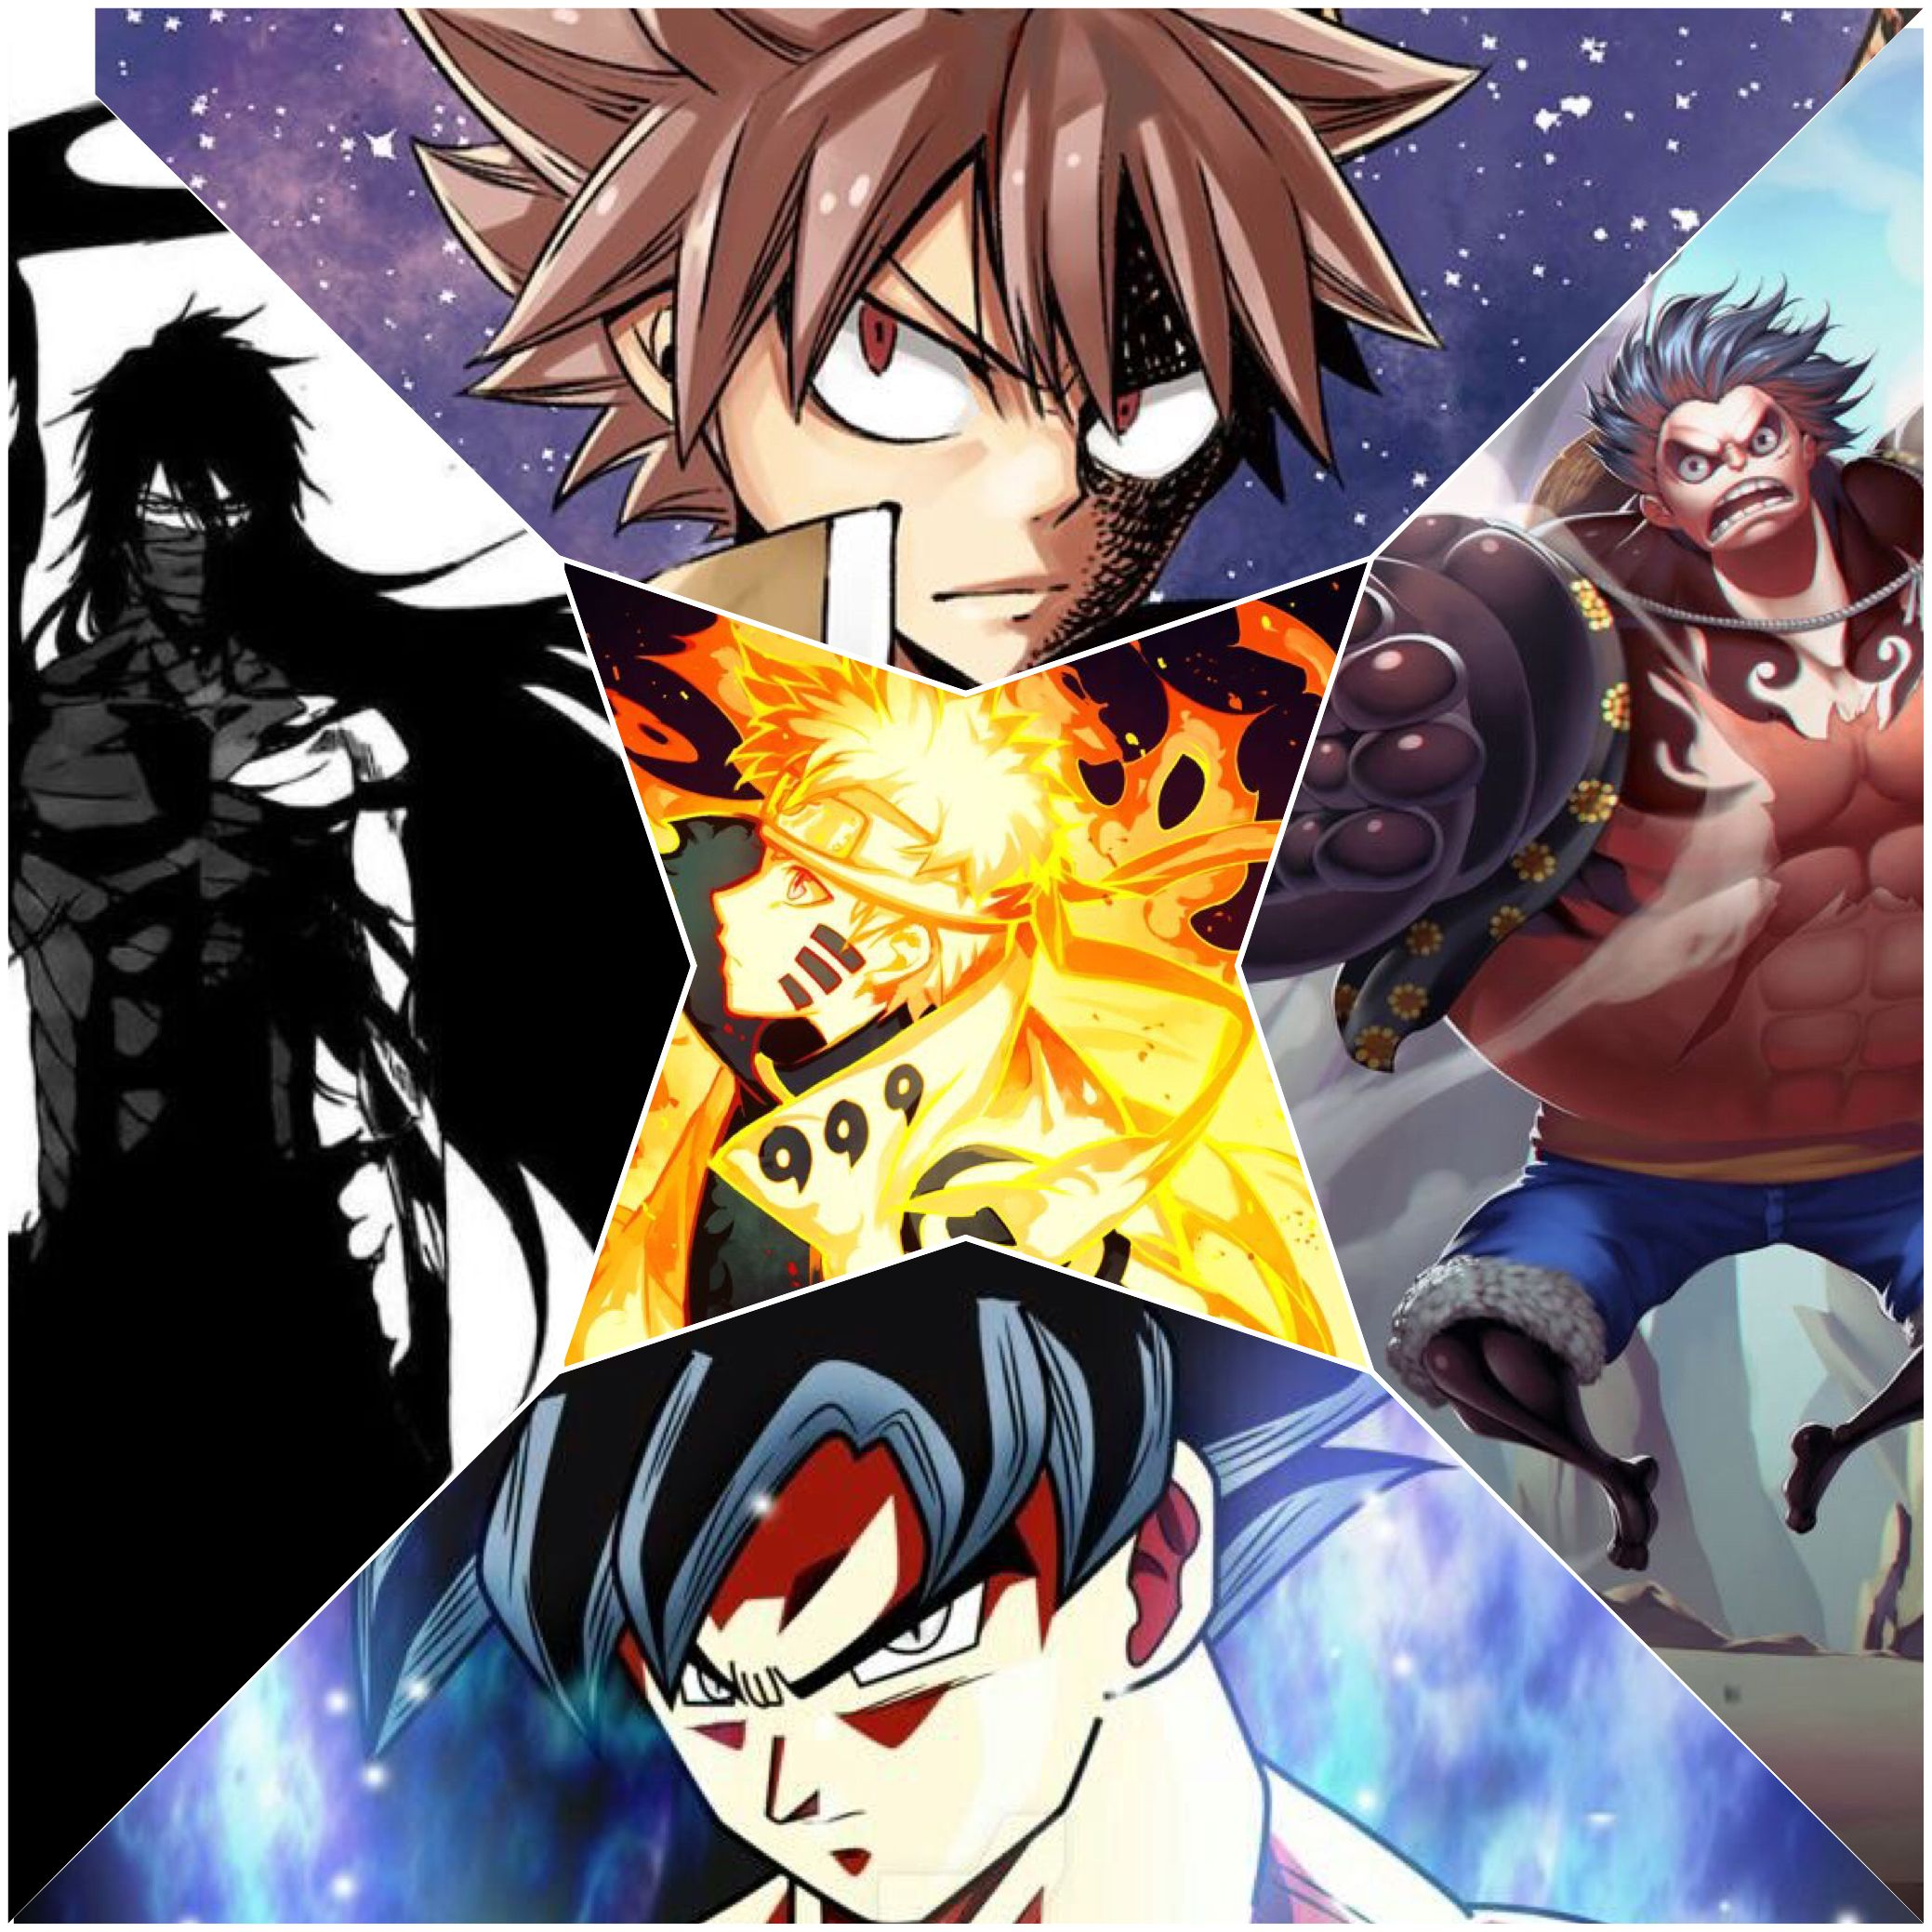 Héroes Personagens de anime, Anime